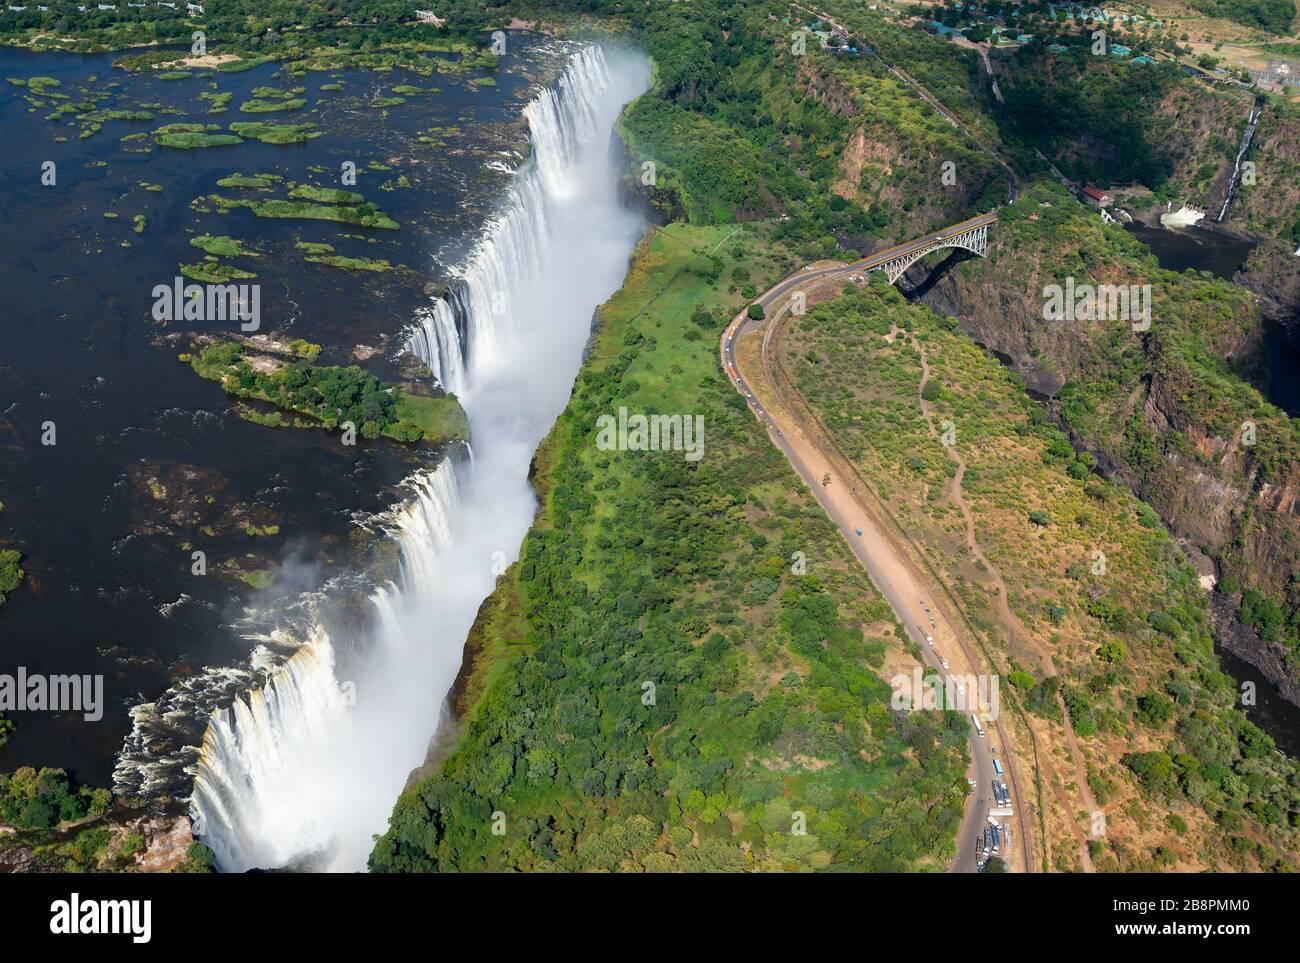 Luftaufnahme der Victoriafälle zwischen Simbabwe und Sambia an einem sonnigen Tag. Wasser, das vom Sambesi River fließt. Von der UNESCO zum Weltkulturerbe ernannt Stockfoto